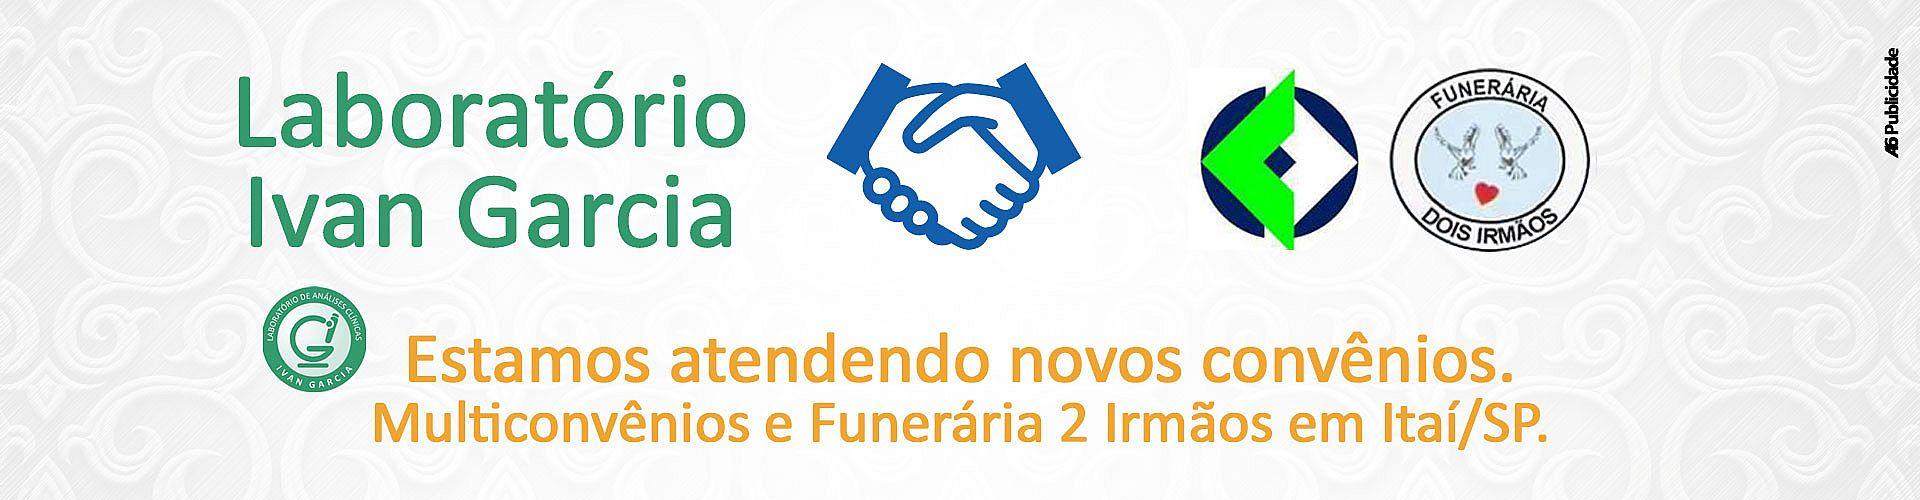 Novos Convênios Em Itaí/SP: Multiconvênios e Funerária 2 Irmãos